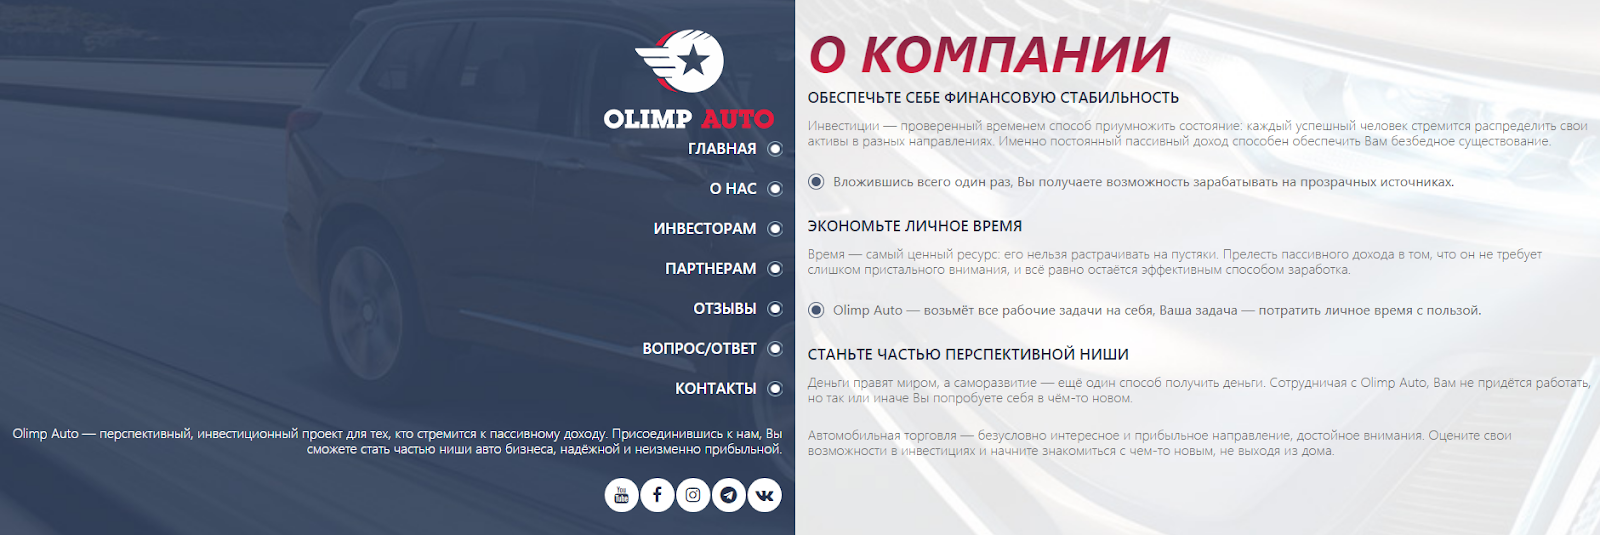 Что предлагает Olimp Auto: обзор инвестиционного проекта и отзывы клиентов